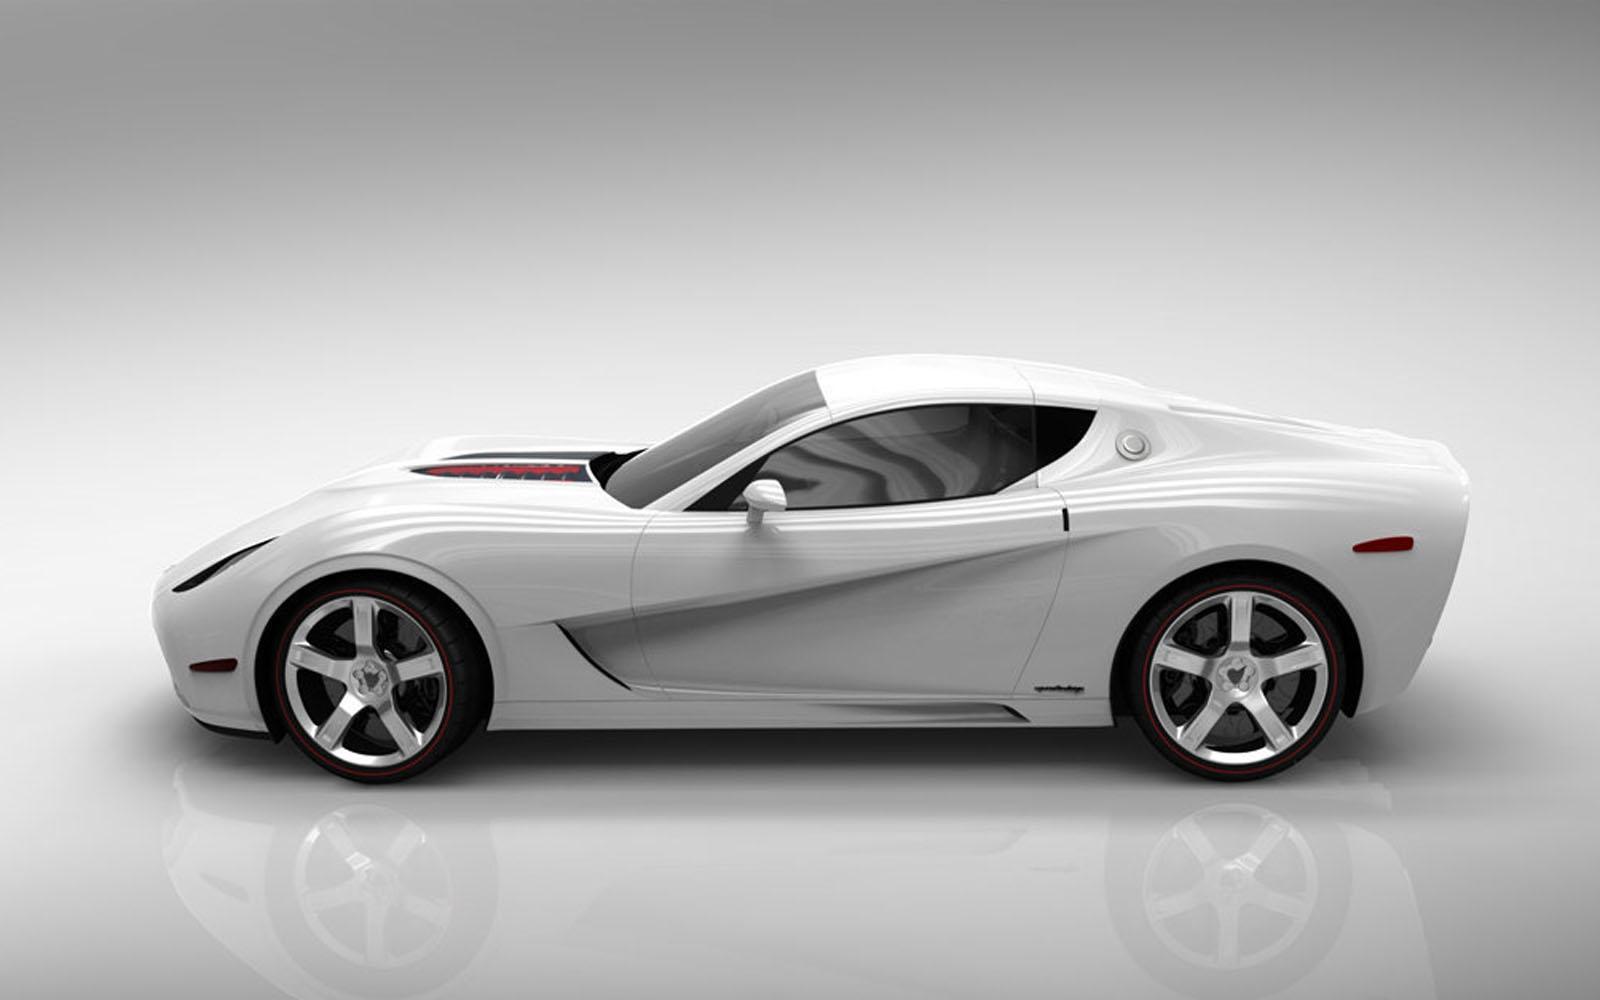 http://3.bp.blogspot.com/-biSjBBU2-AM/T3f6fuY1M-I/AAAAAAAABlg/UuylFIMQ5-k/s1600/Corvette+Z03+cars+Wallpapers+2.jpg